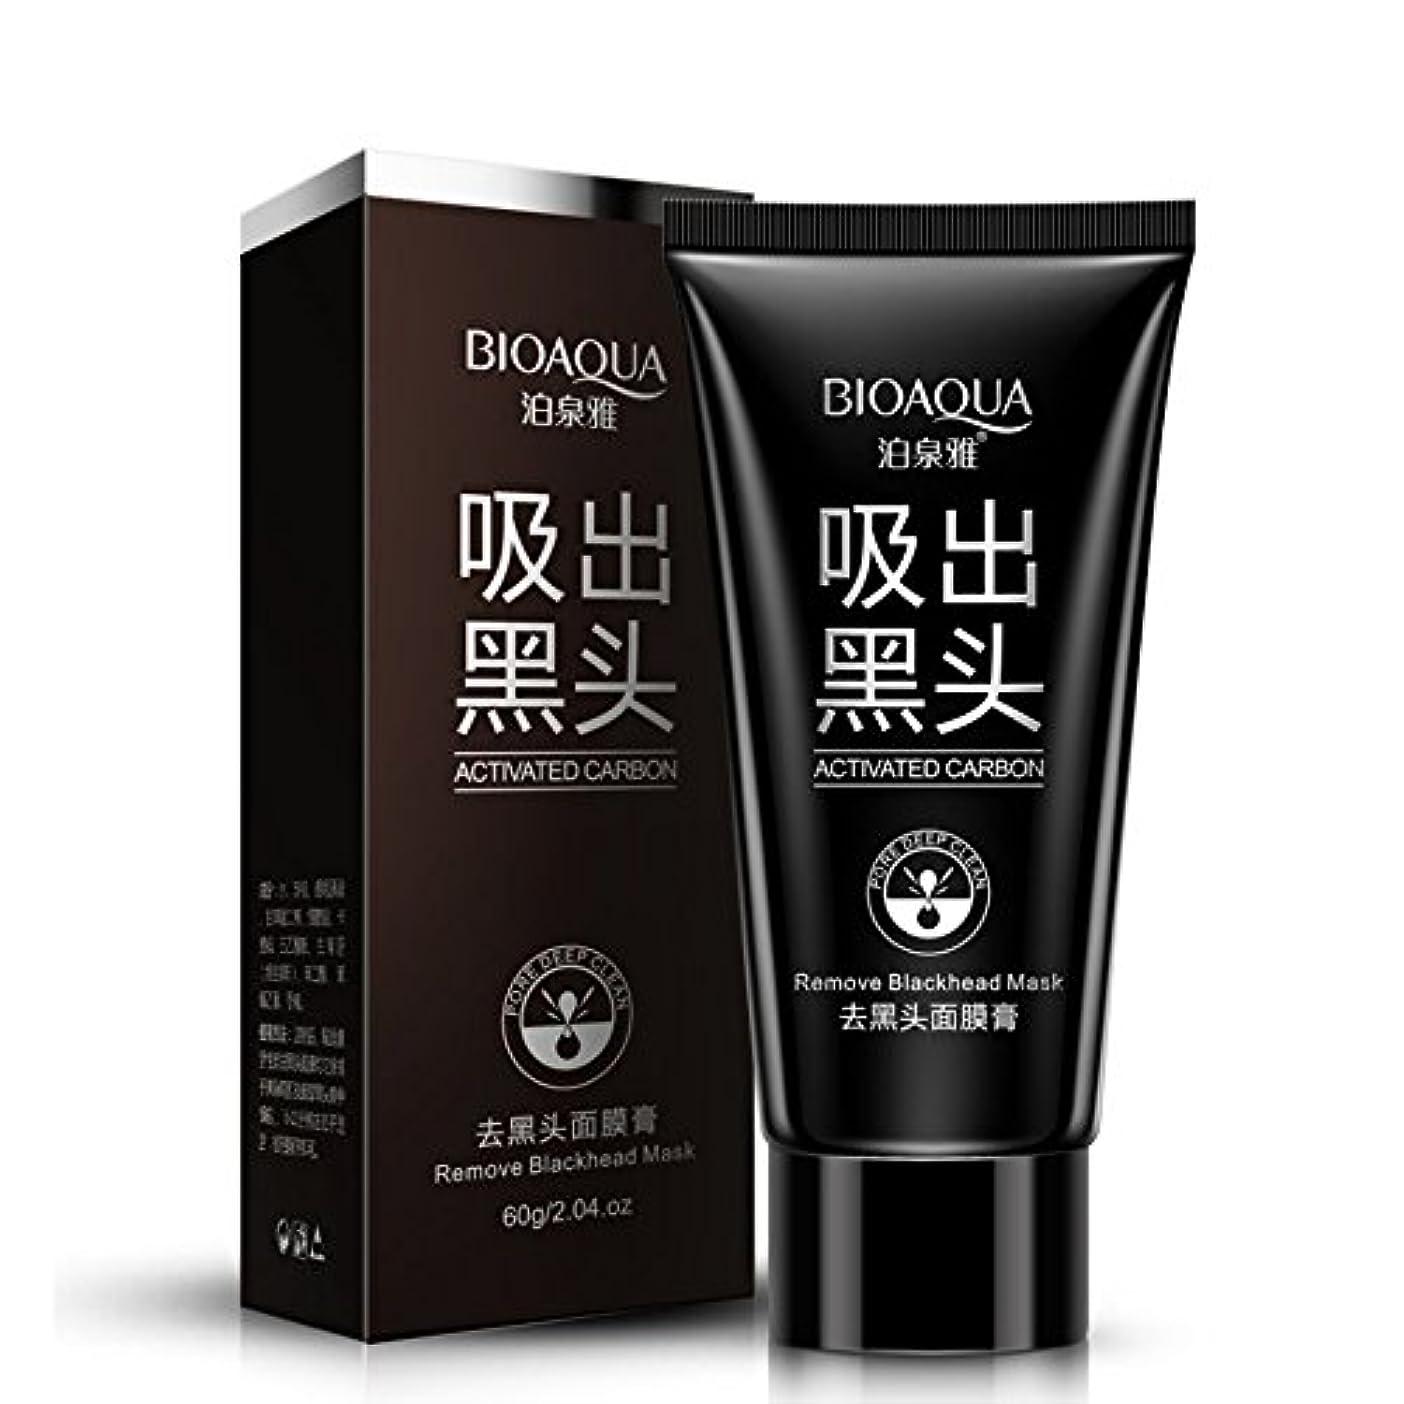 こっそり苦しむゲインセイSuction Black Mask Shrink Black Head Spots Pores,Face Mask Blackhead Removal Blackheads Cosmetics Facials Moisturizing Skin Care.